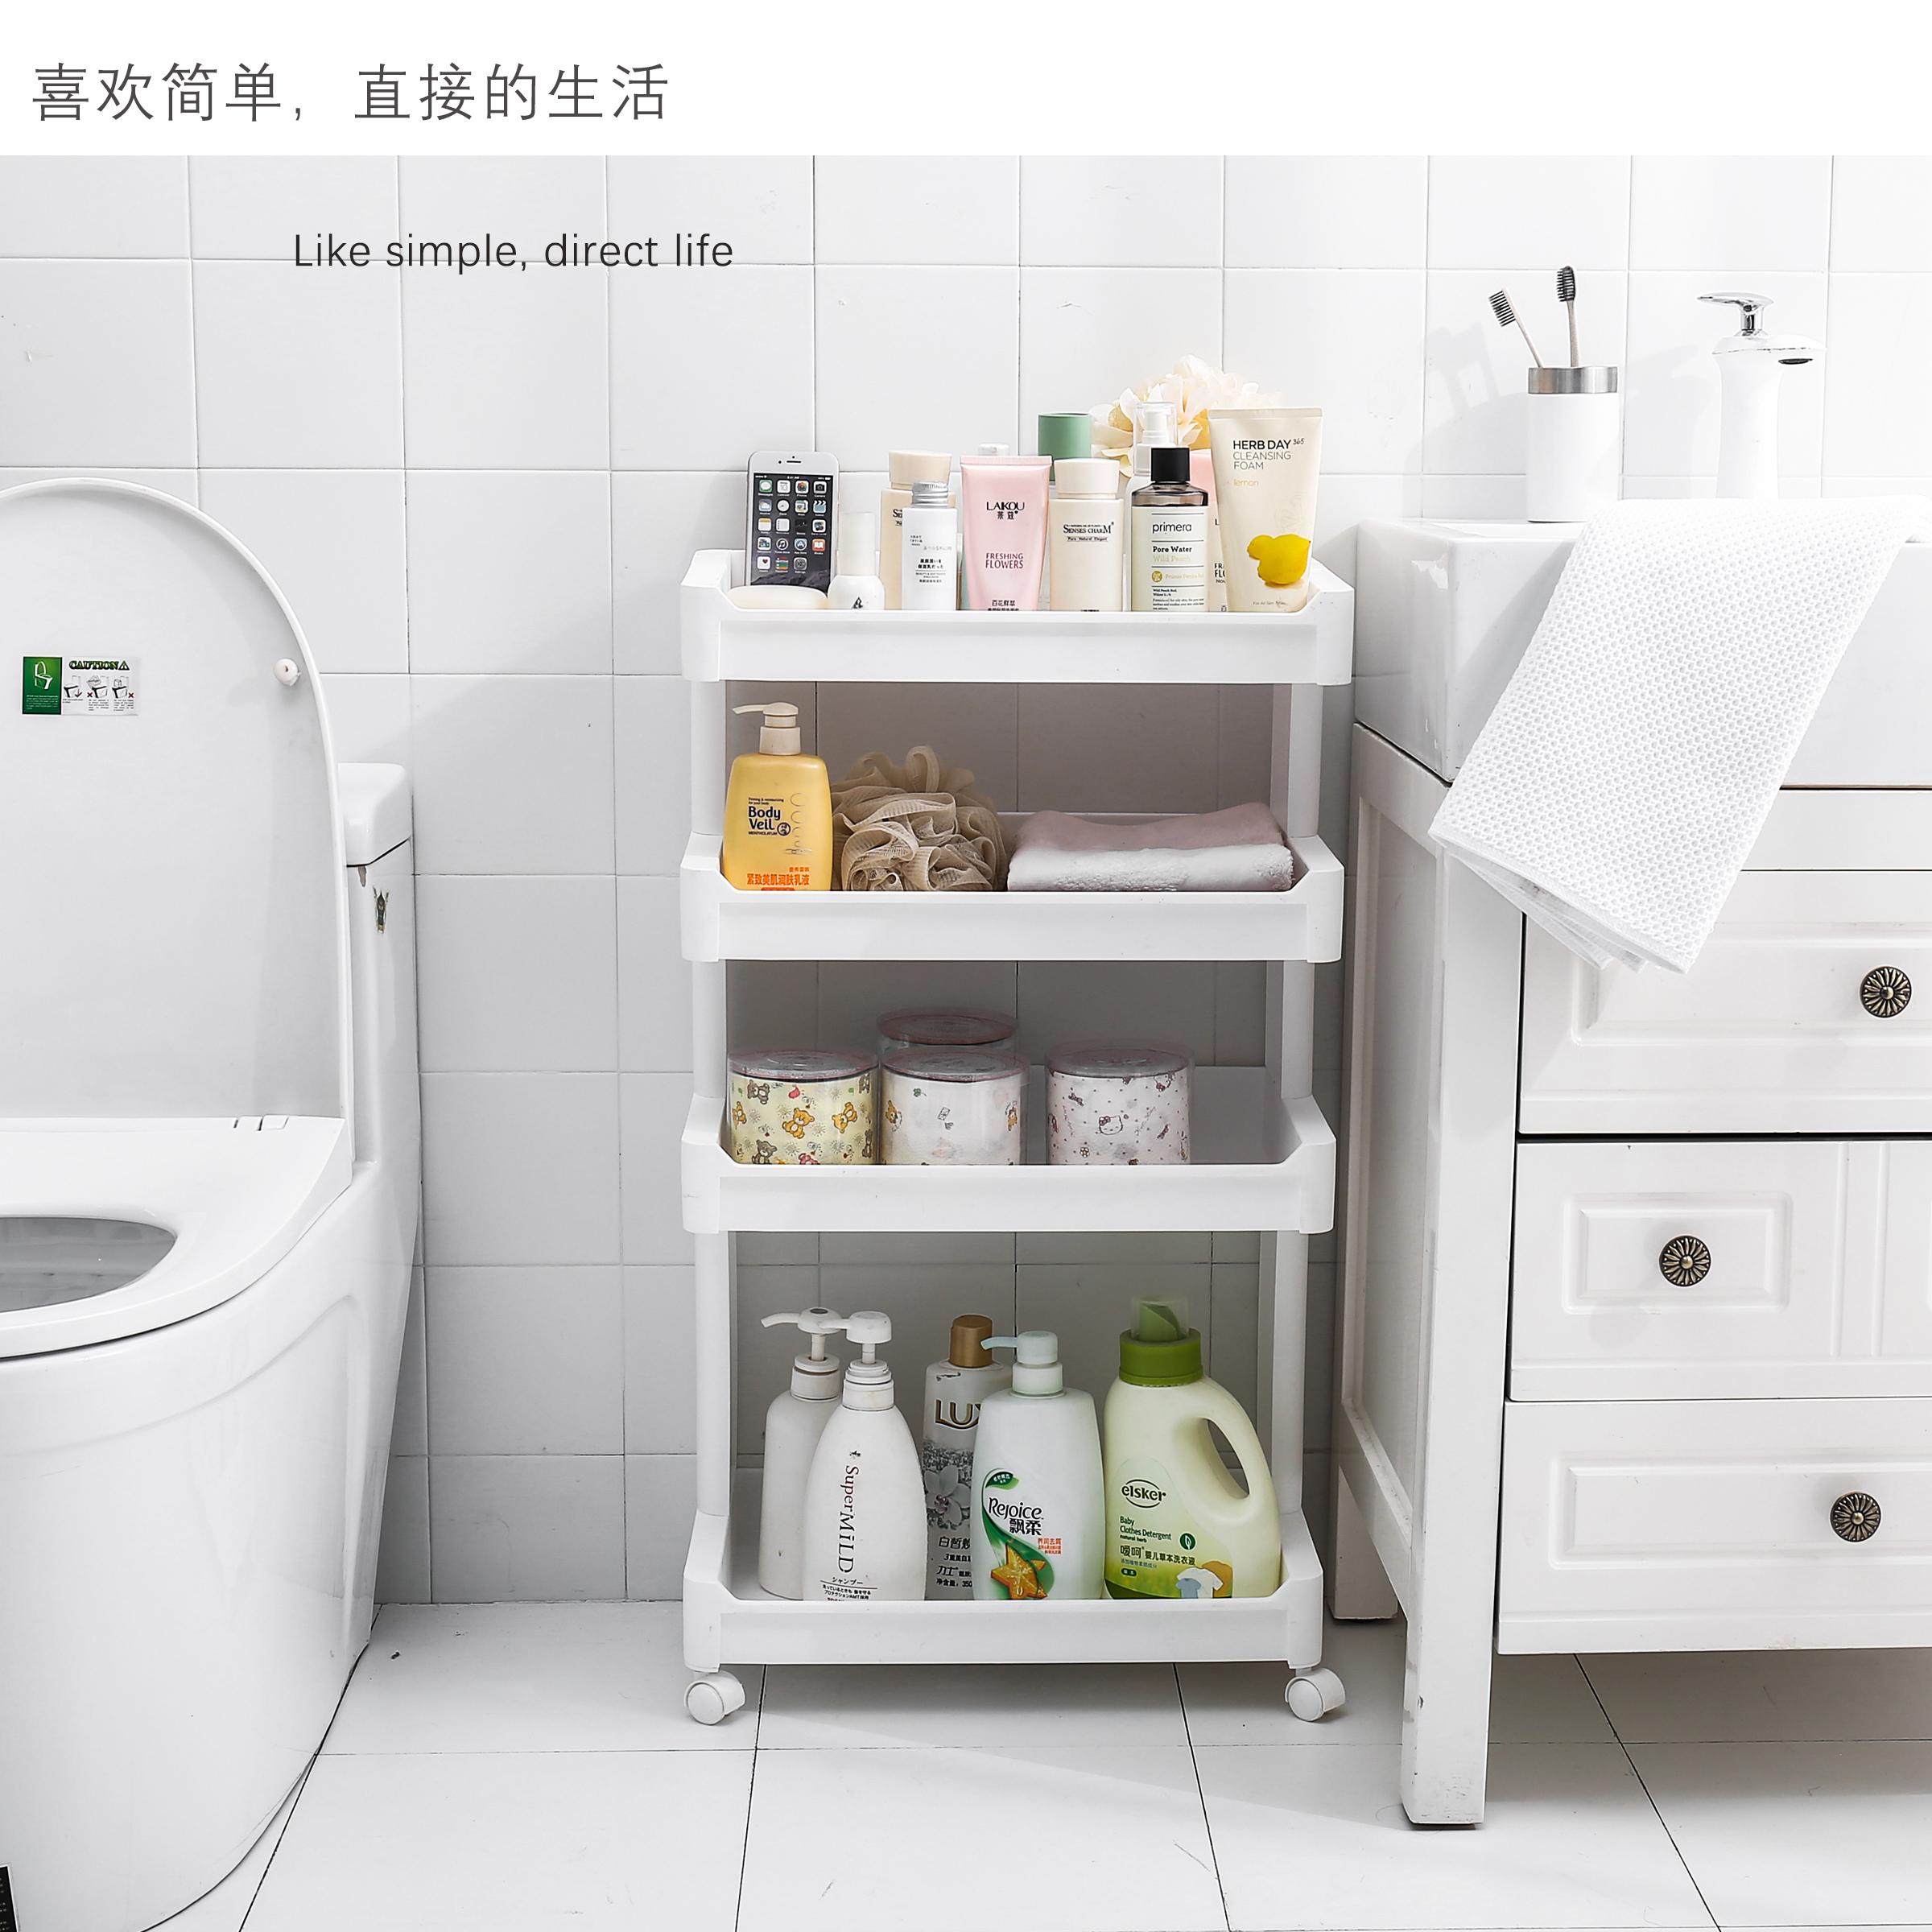 卫生间浴室置物架洗衣机收纳柜洗手间厕所塑料储物脸盆架马桶落地